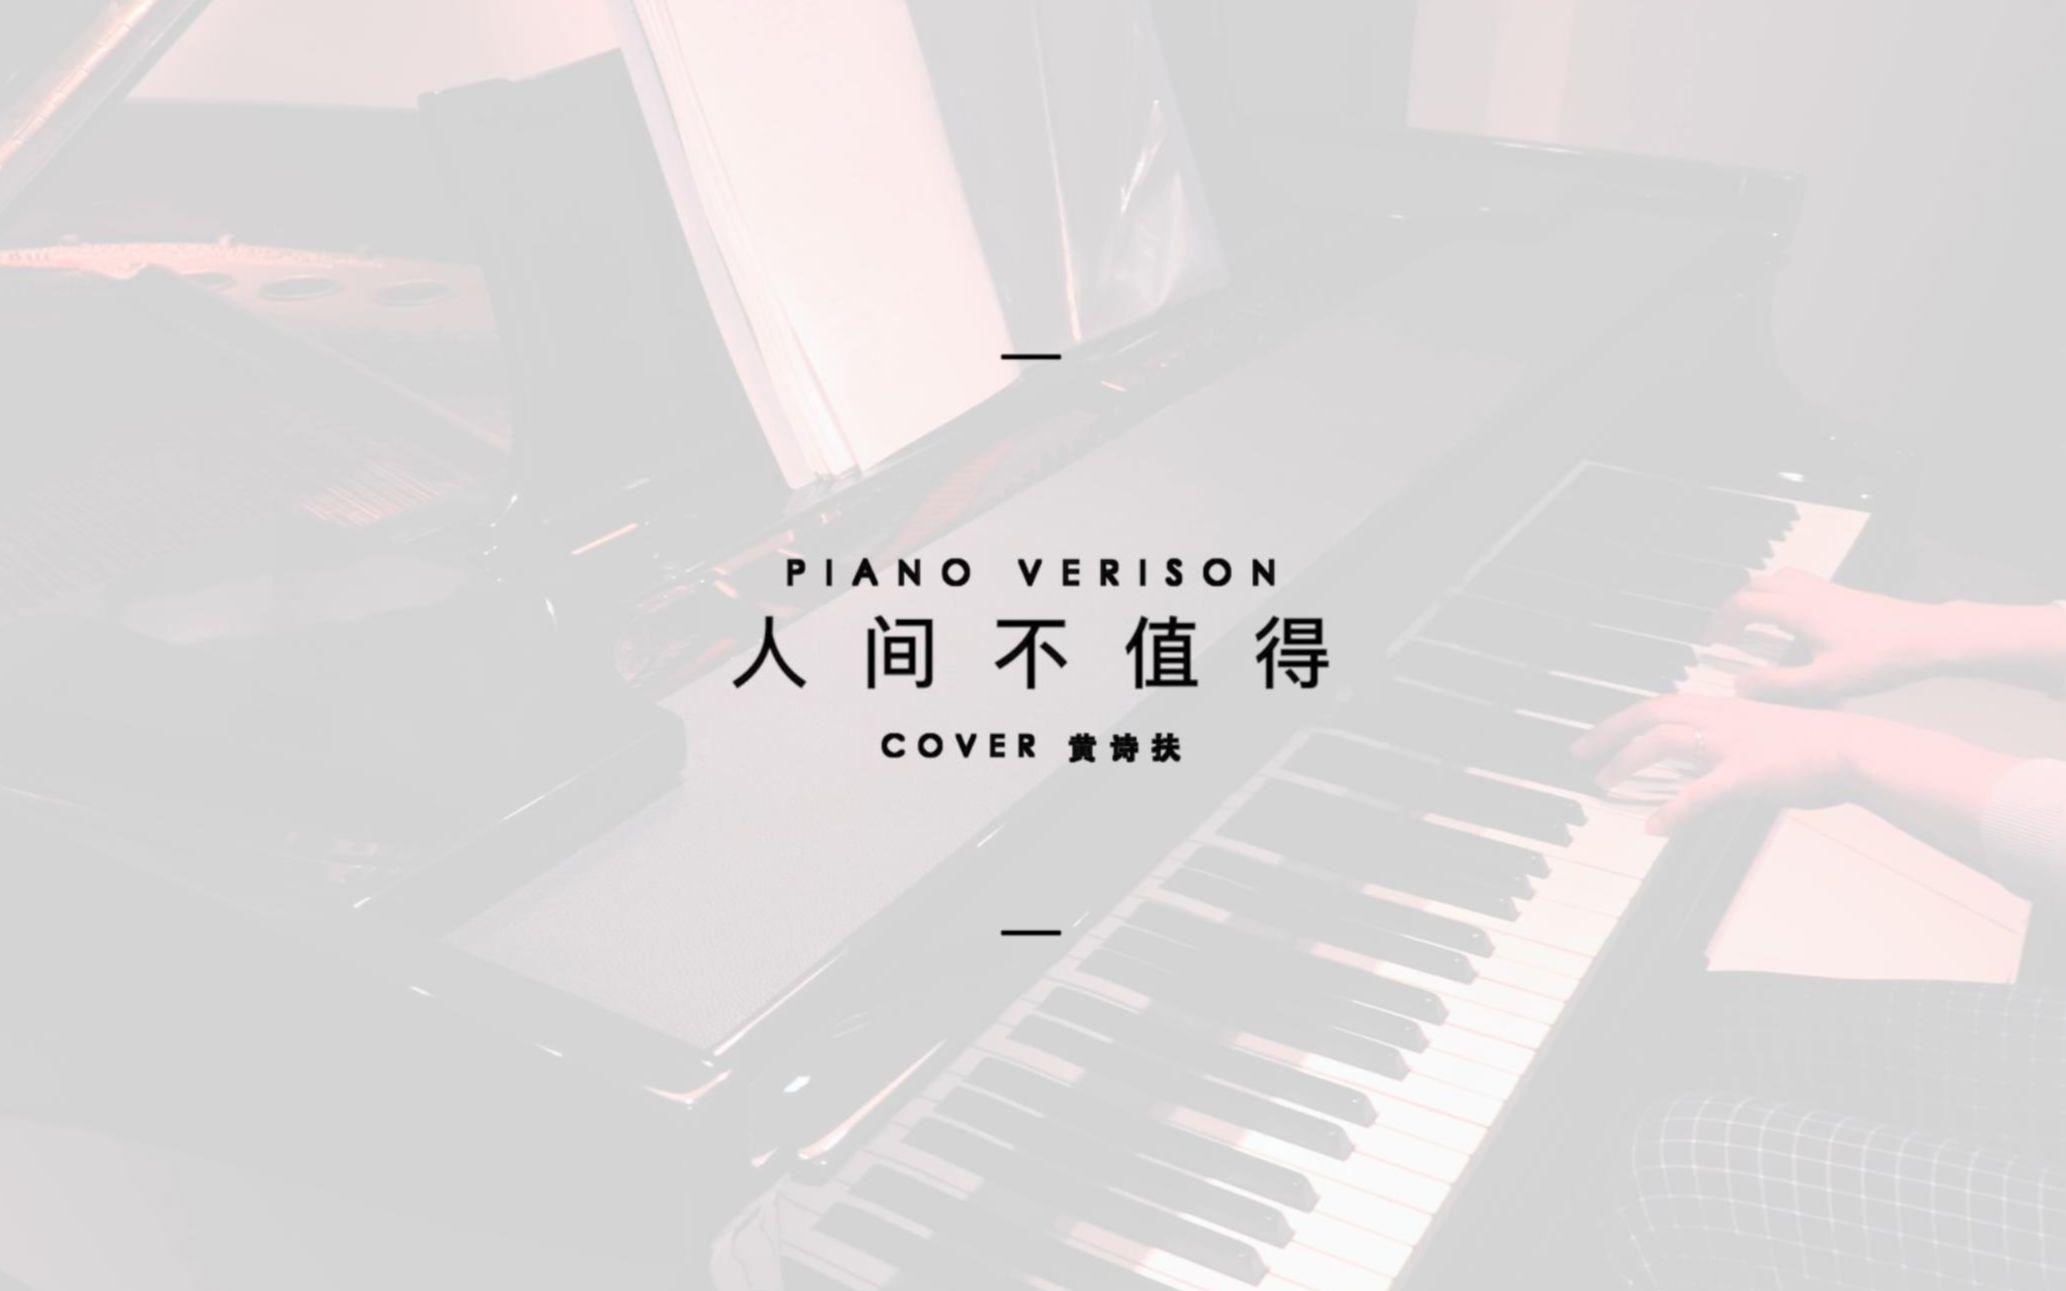 【钢琴】人 间 不 值 得_哔哩哔哩 (゜-゜)つロ 干杯~-bilibili